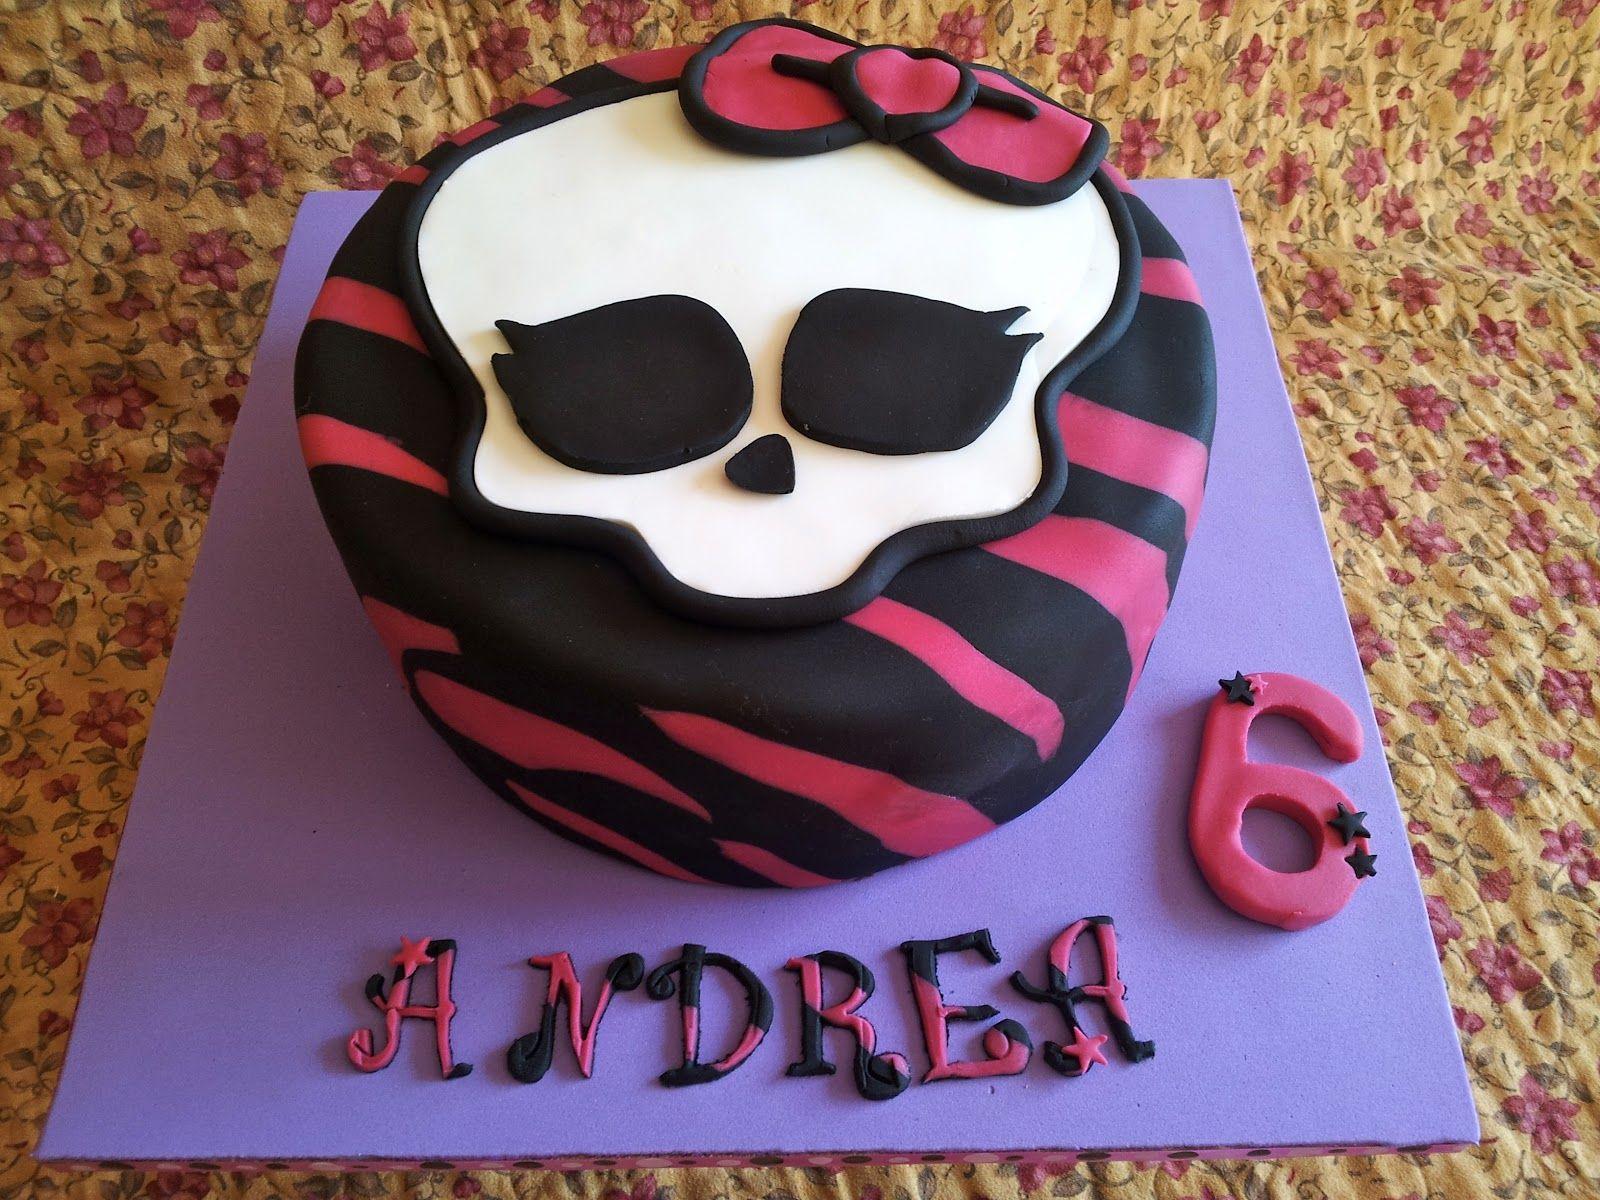 картинки с днем рождения торты монстр хай техника основном работает